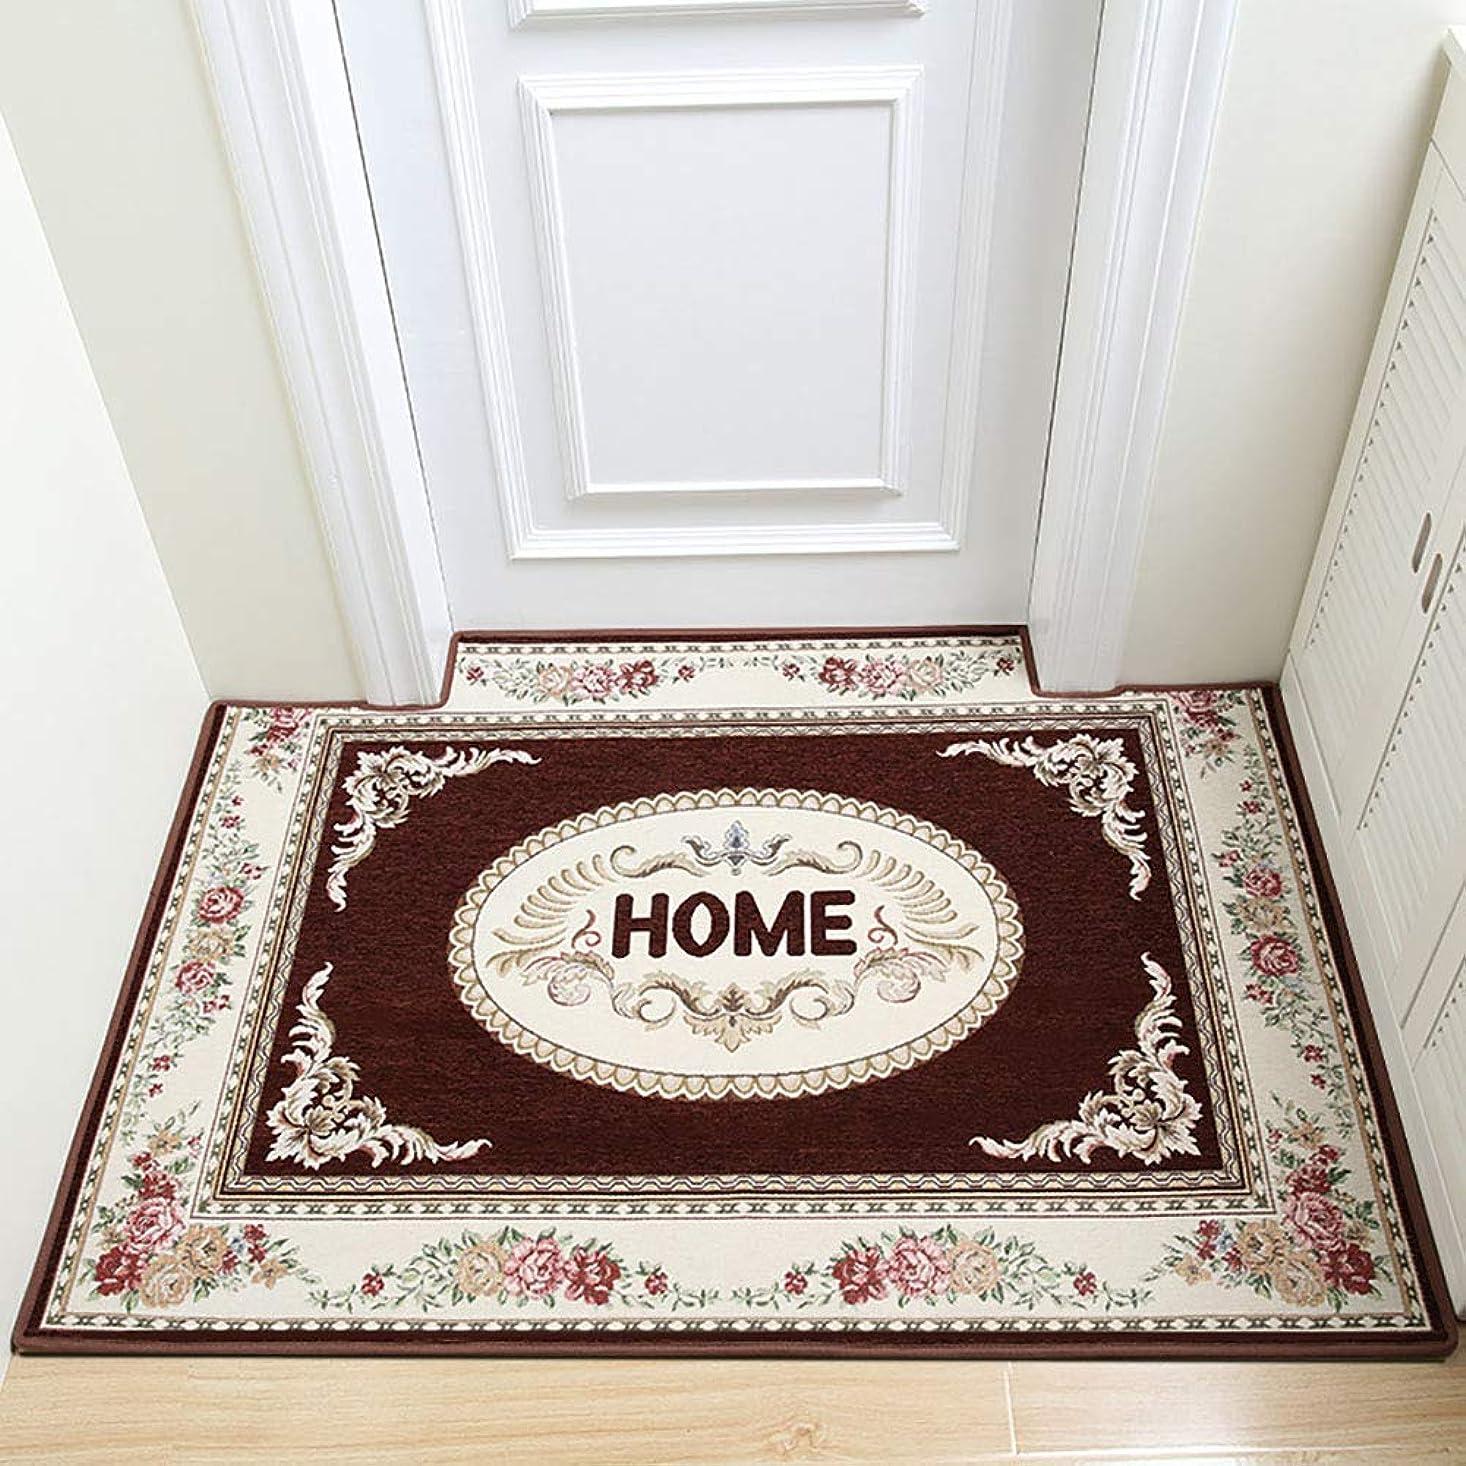 政策会計士歴史な 玄関 戻る, 滑り止め ホーム 区域敷物 食品 簡単 きれい 耐汚染性 持続可能です の 屋内 出入り口 床マット-ブラウン 50x80cm